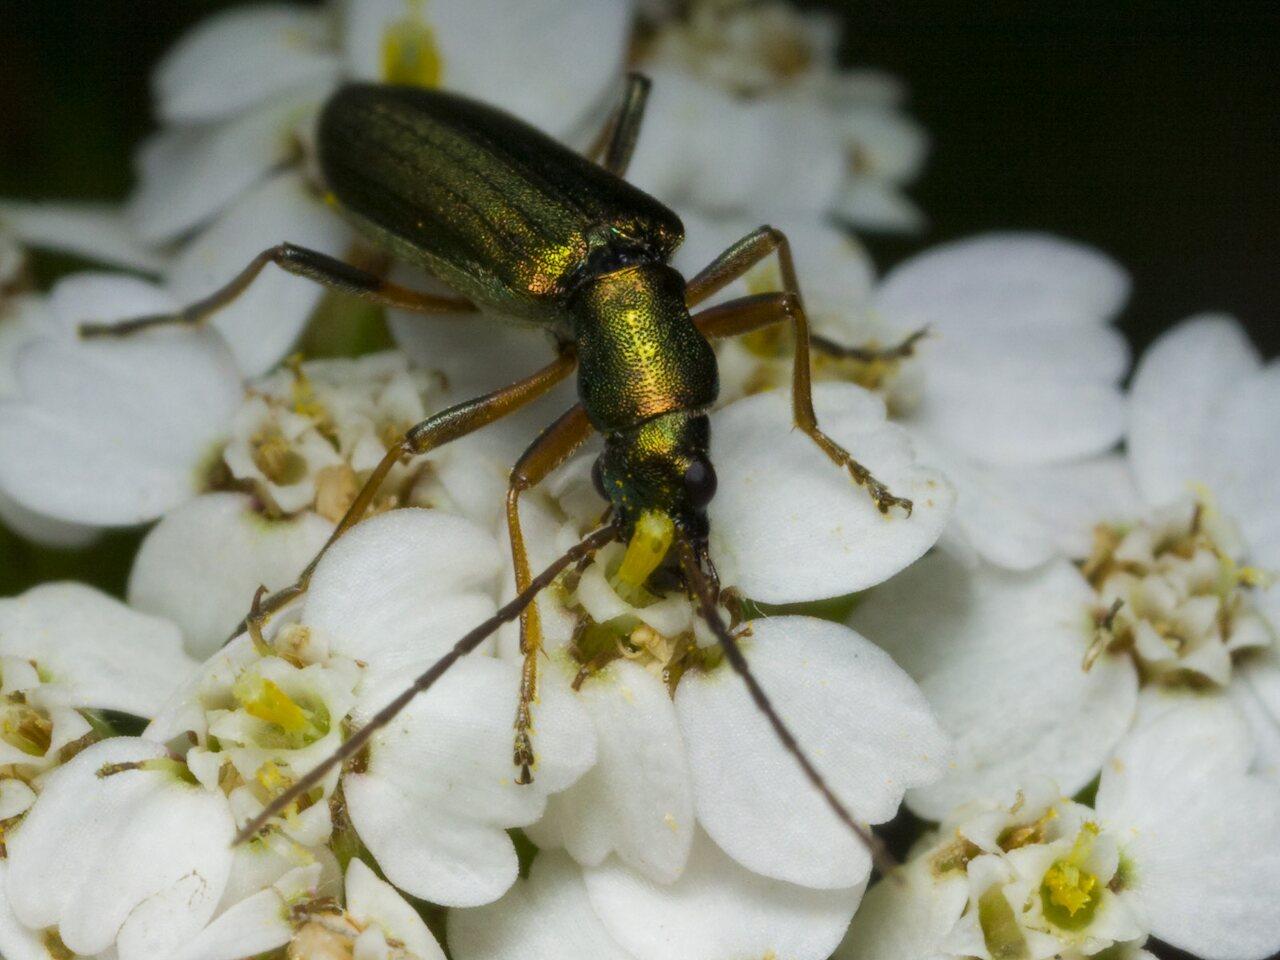 Chrysanthia-nigricornis-2072.jpg